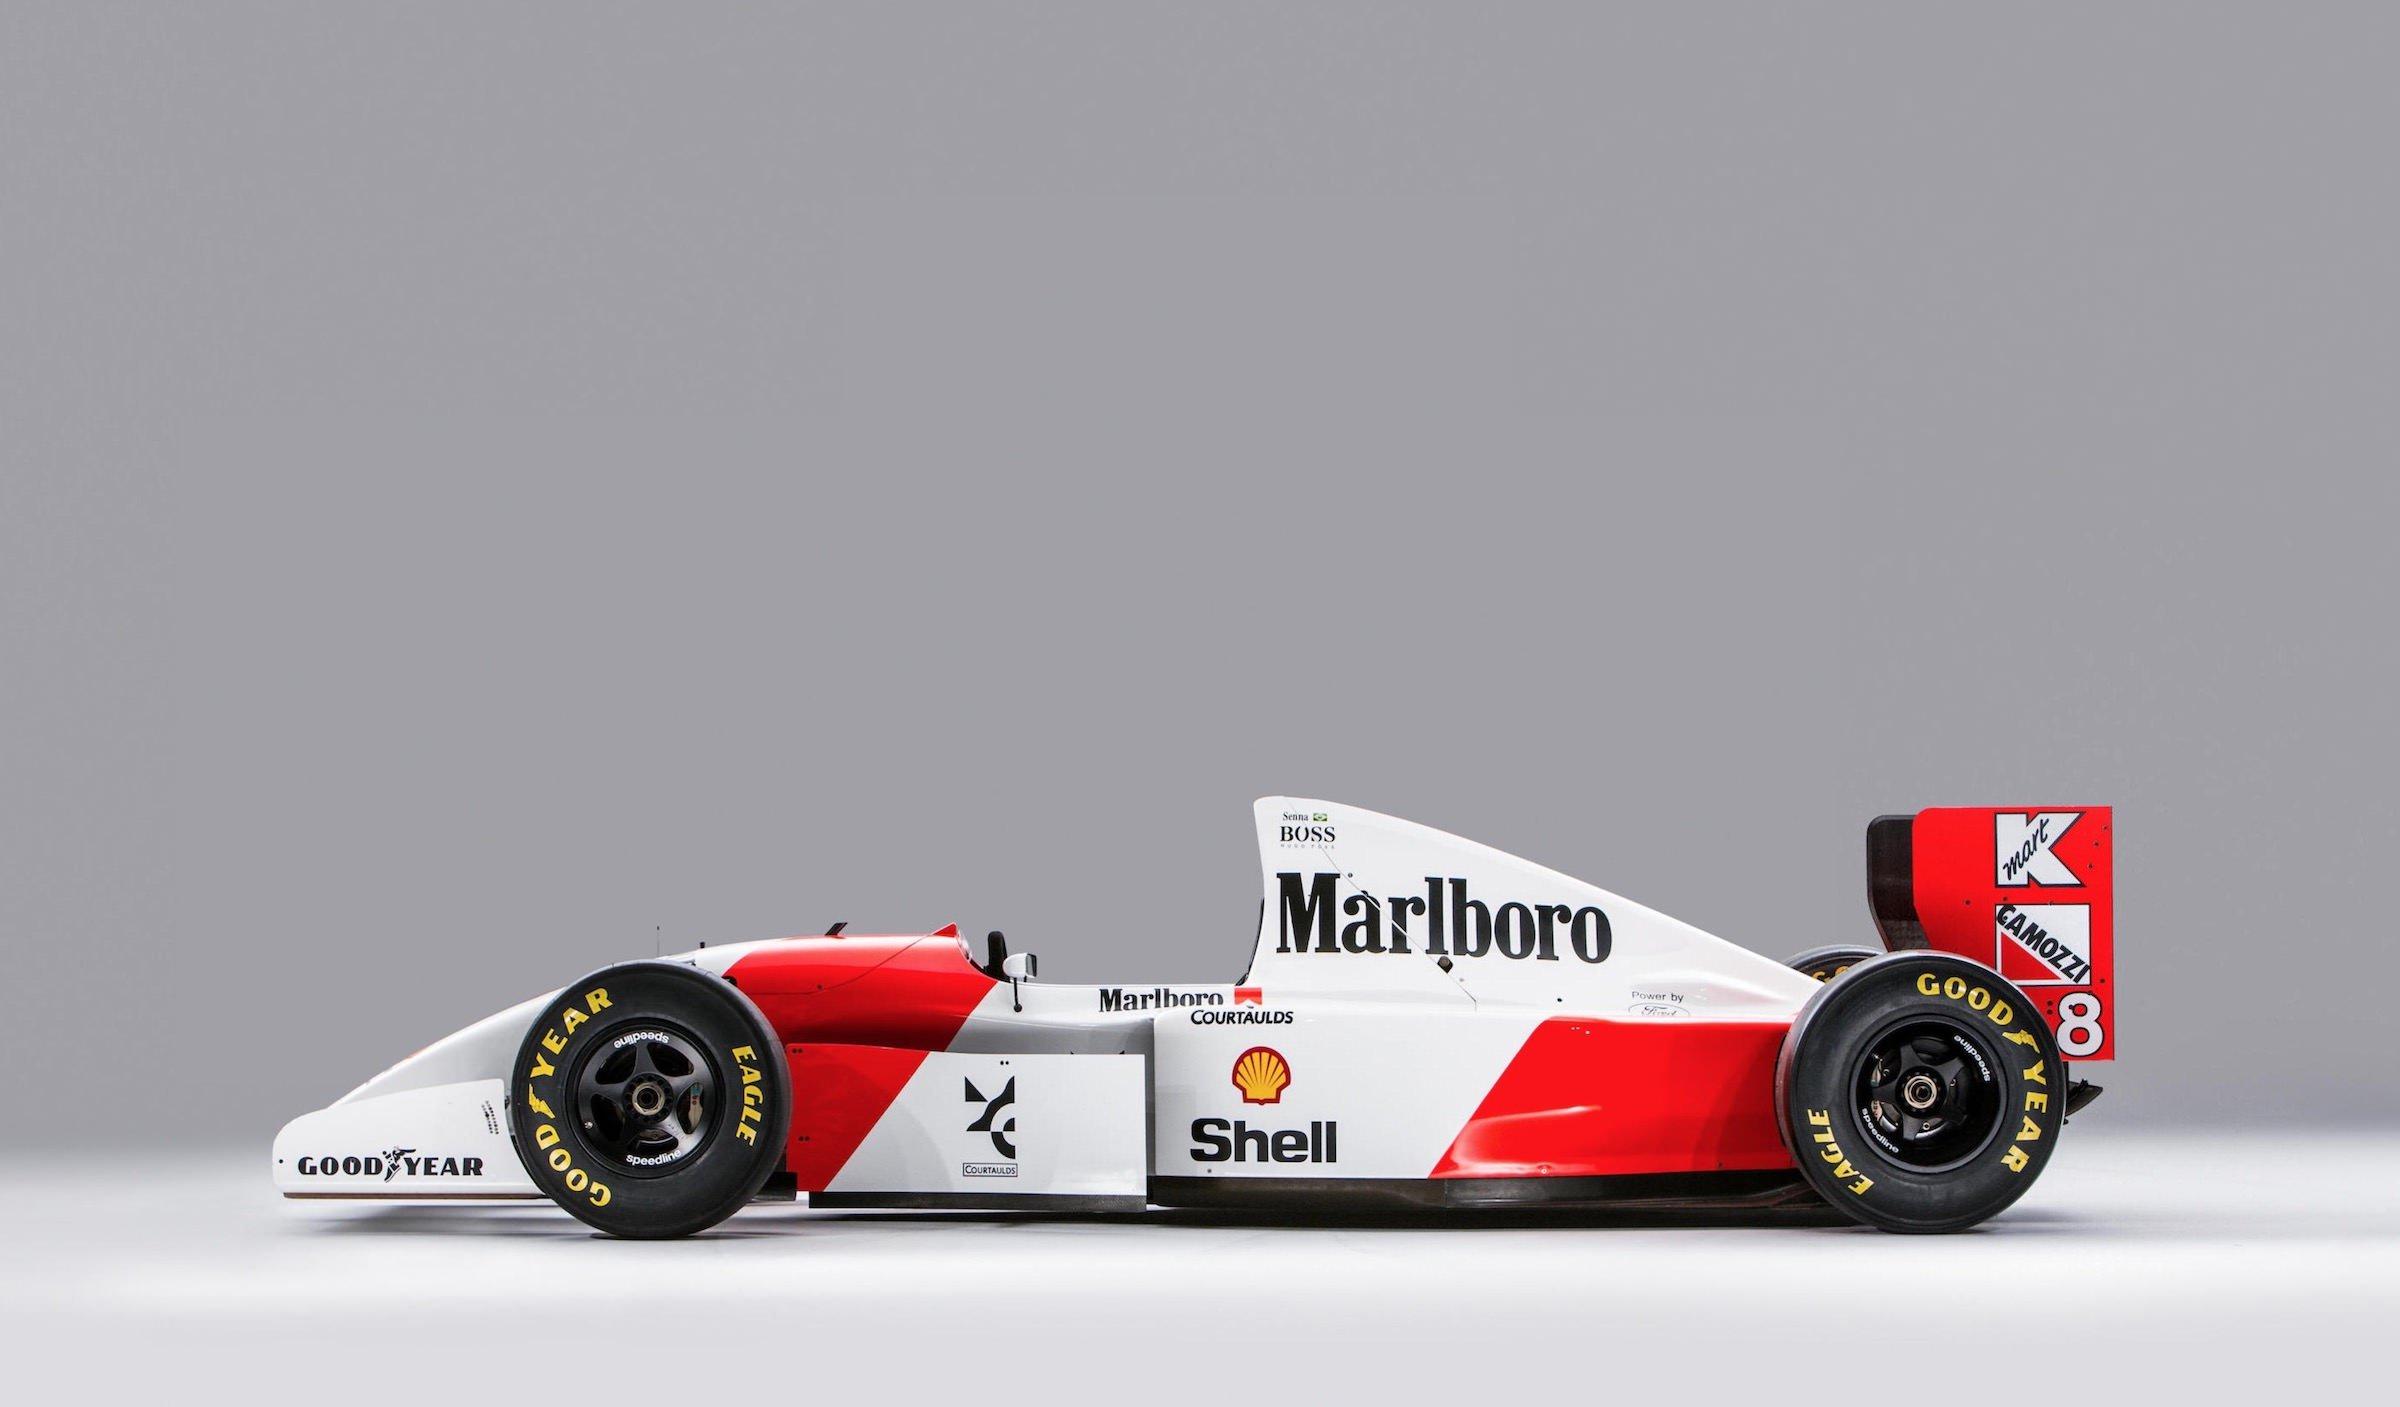 ayrton sennas original 1993 mclaren mp48 formula 1 car